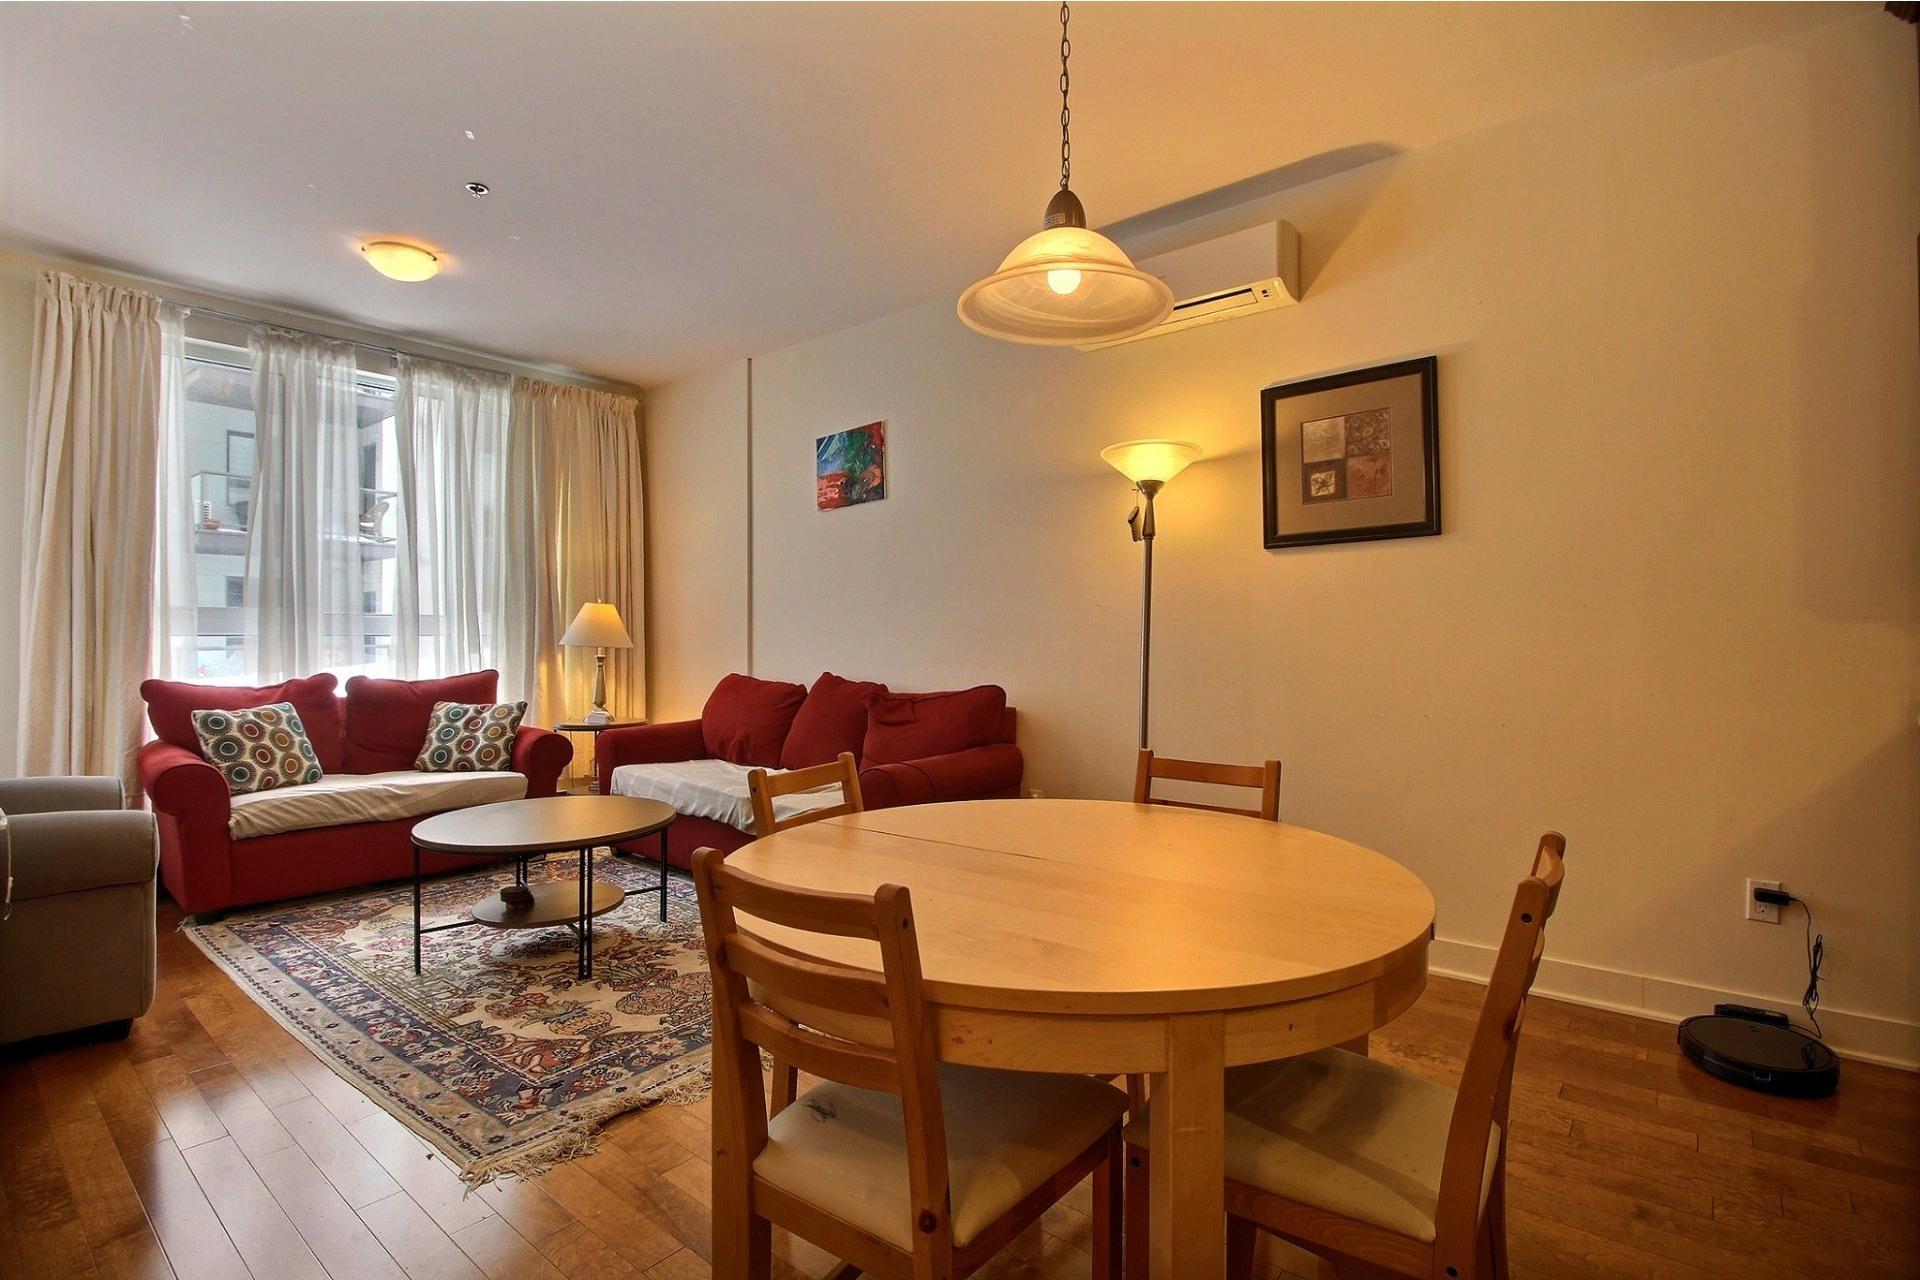 image 8 - Apartment For rent Rivière-des-Prairies/Pointe-aux-Trembles Montréal  - 6 rooms